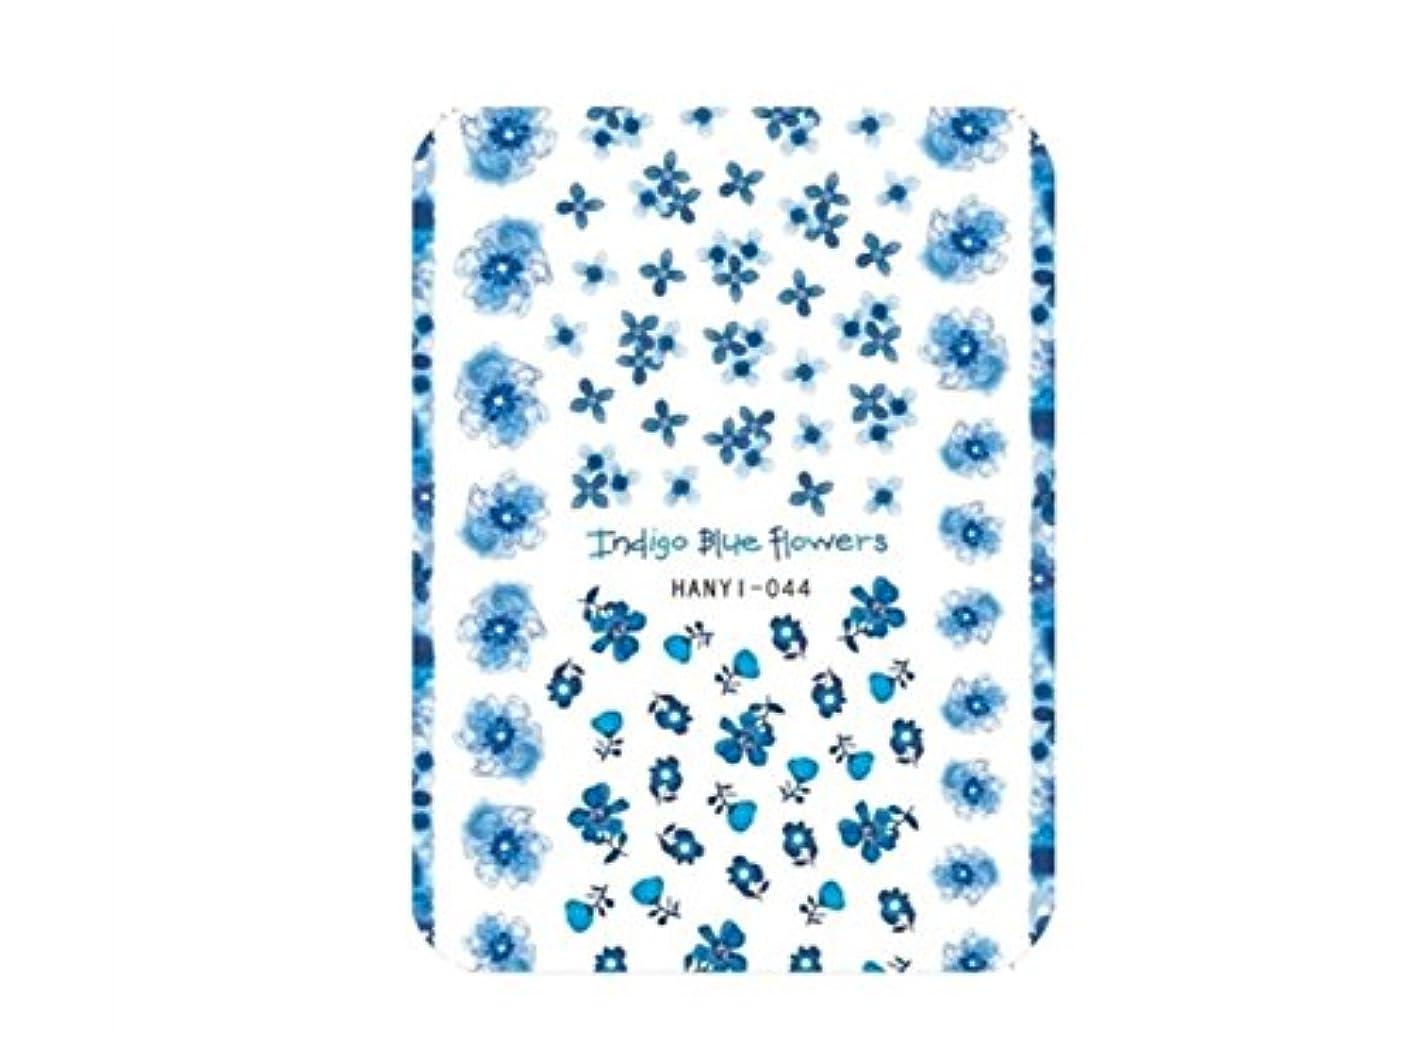 財産パン食料品店Osize ファッションカラフルな花ネイルアートステッカー水転送ネイルステッカーネイルアクセサリー(カラフル)